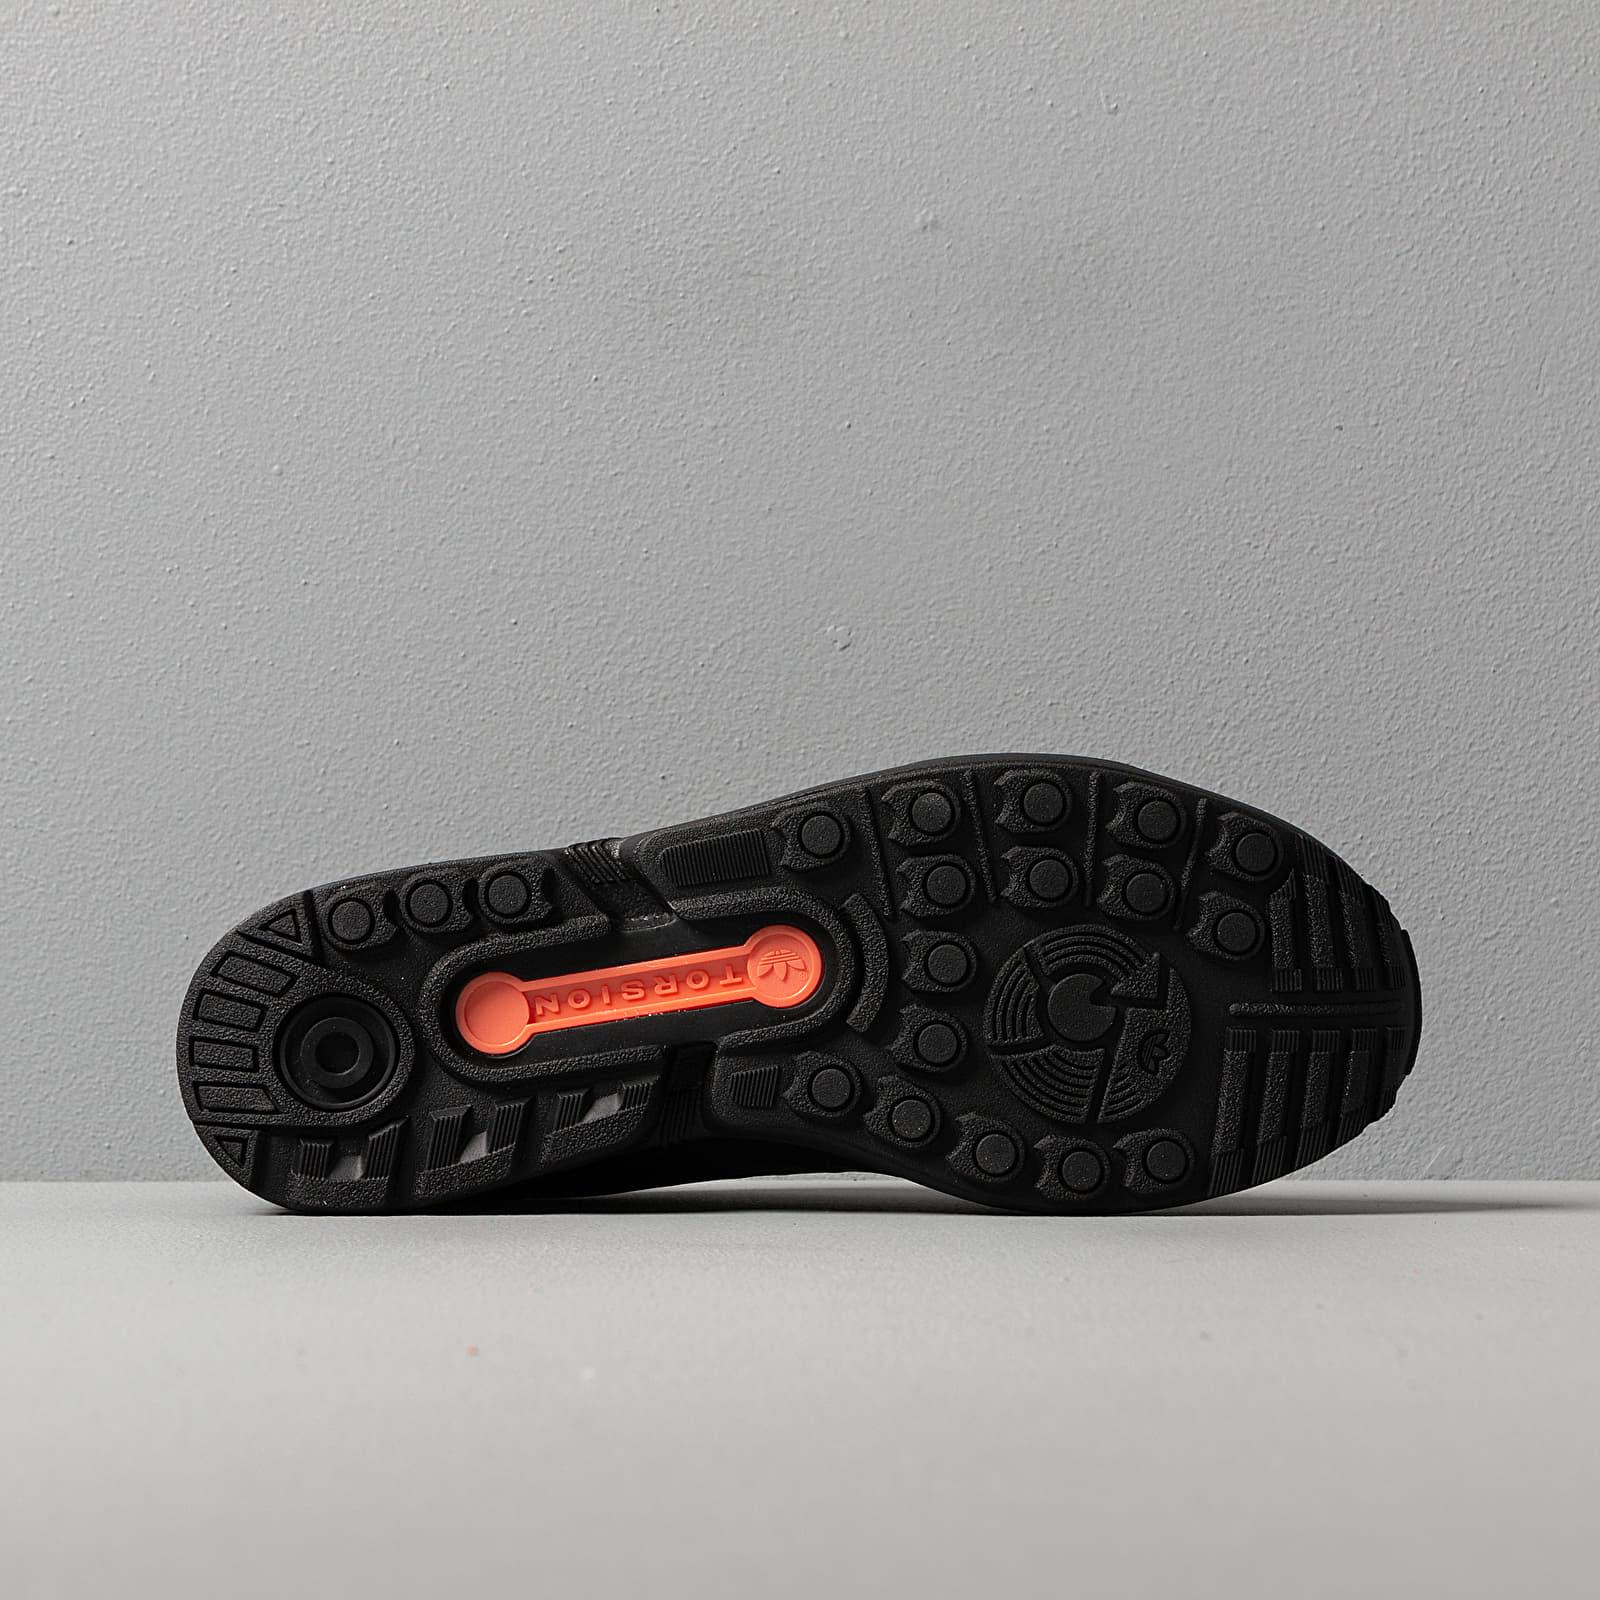 adidas ZX FluxCore Black Core Black Semi Core Orange